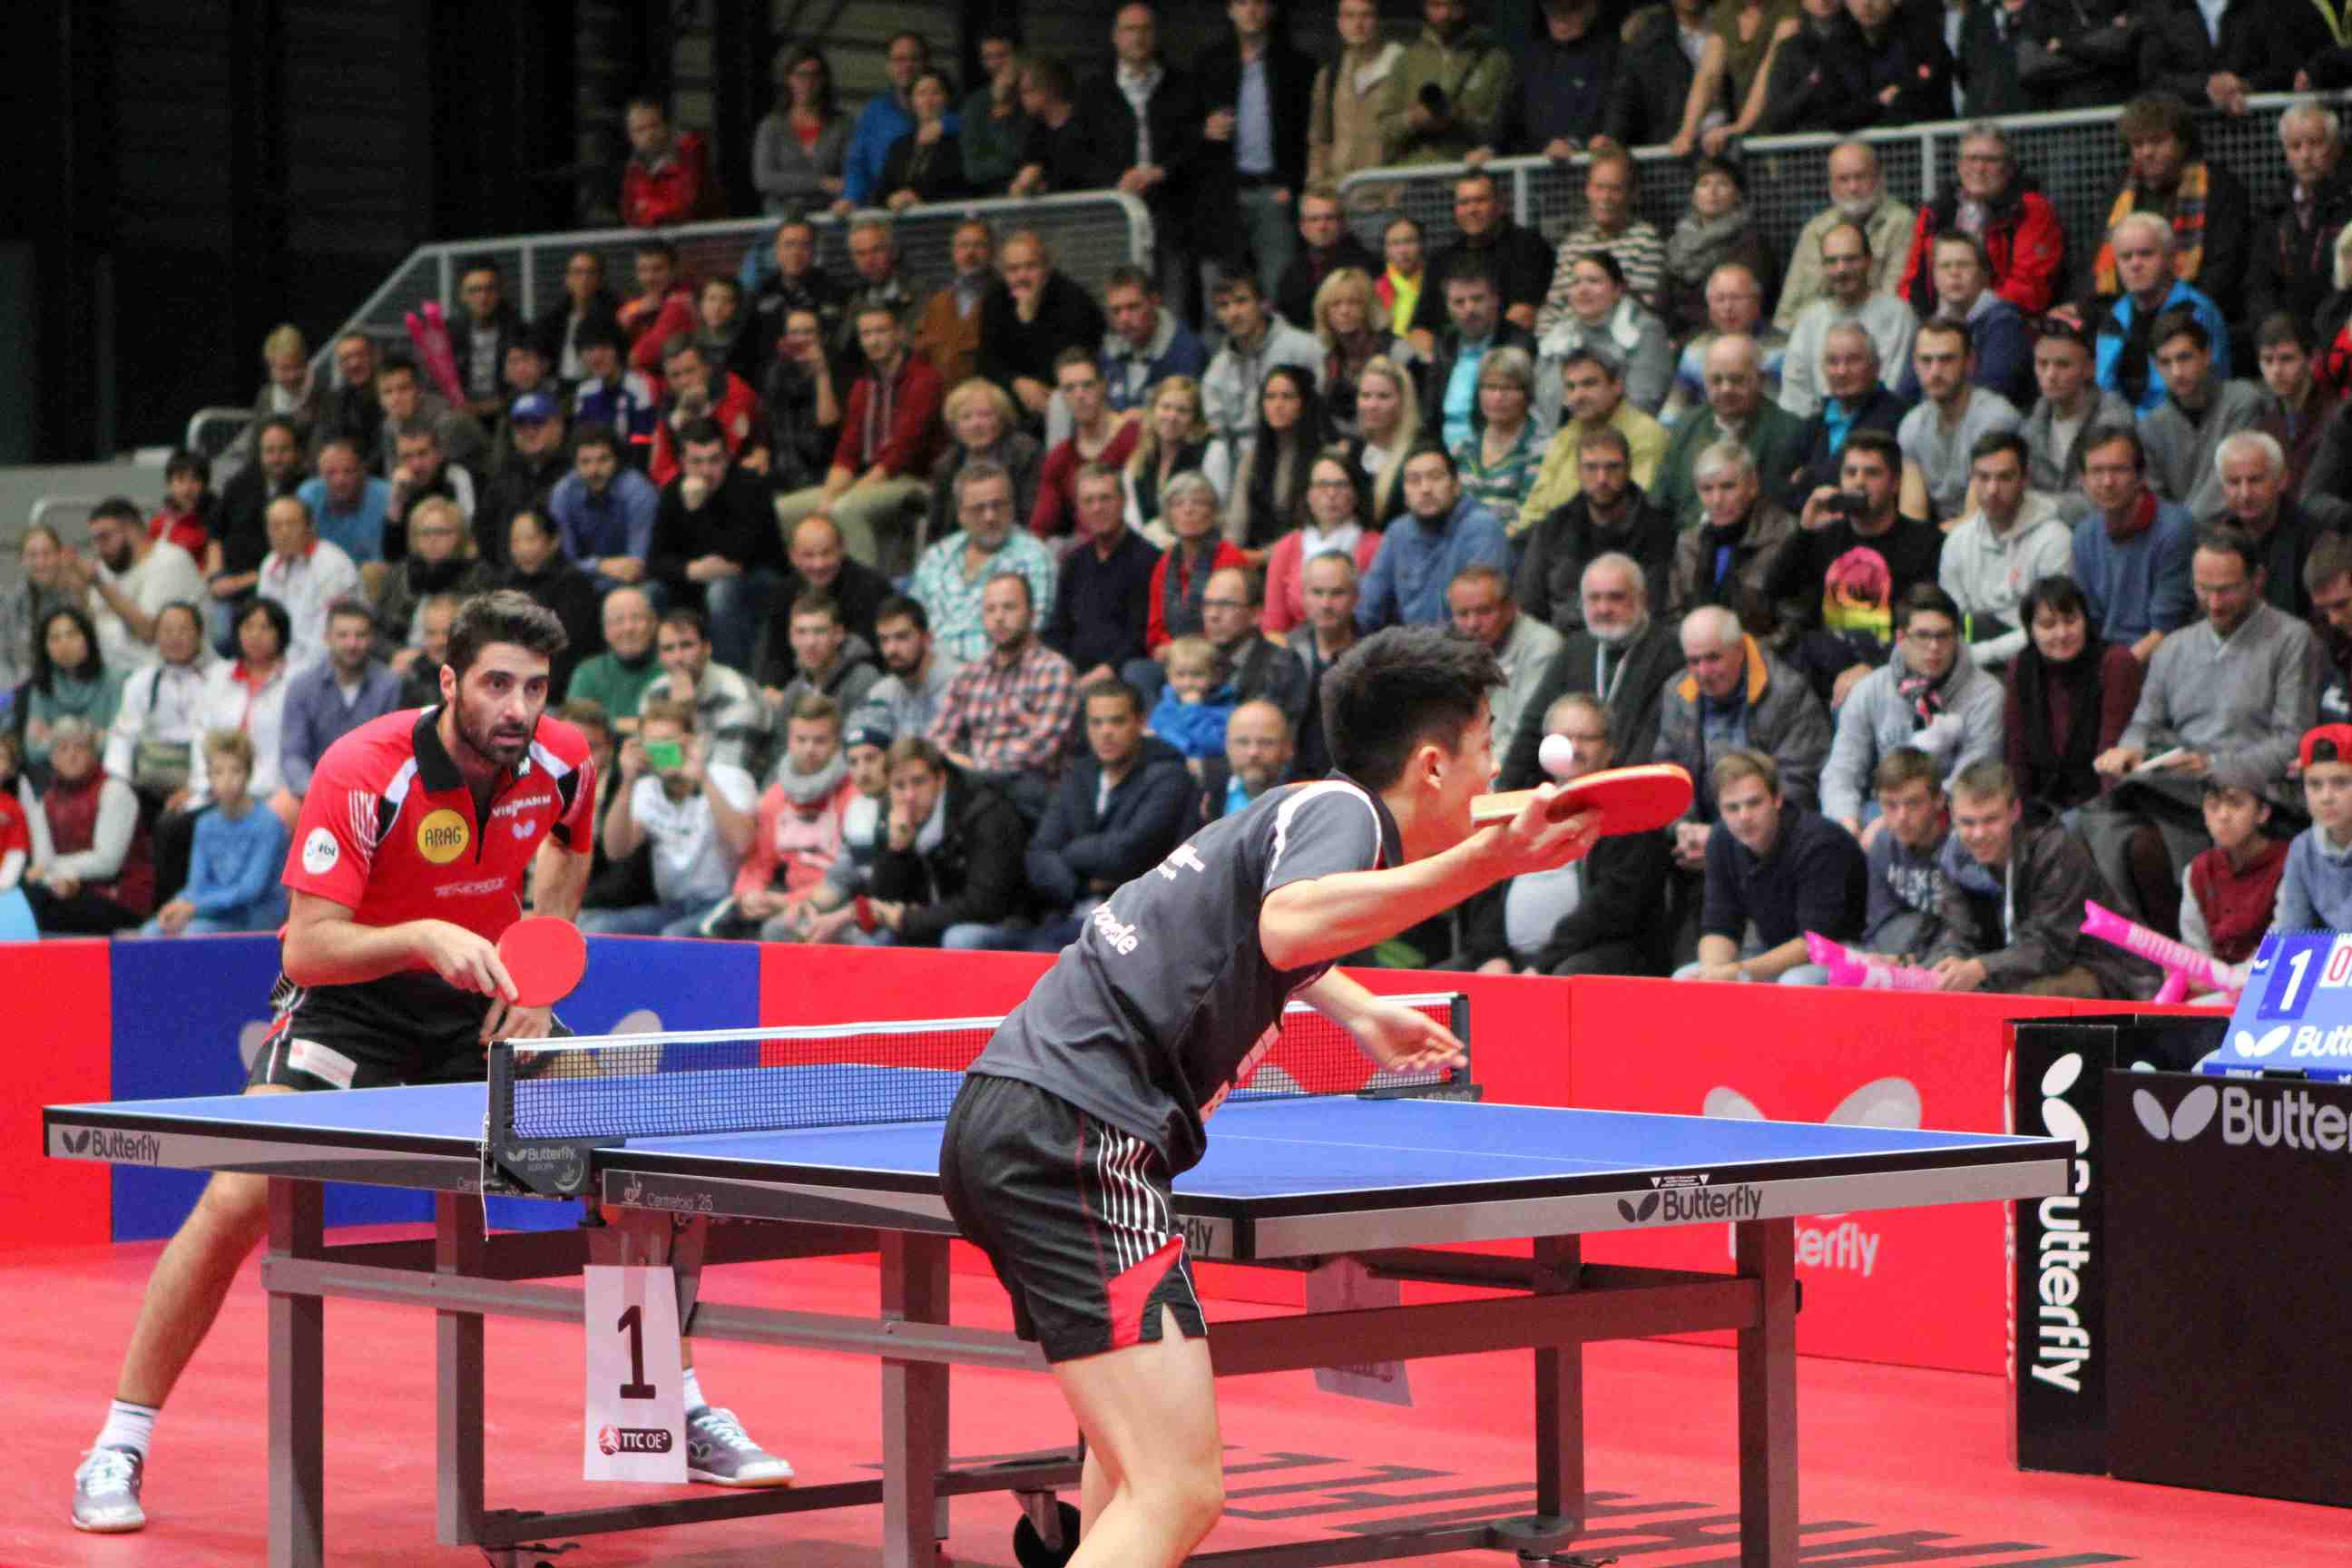 images/artikel/15-16/Dang Qiu Pokal-Viertelfinale.jpg